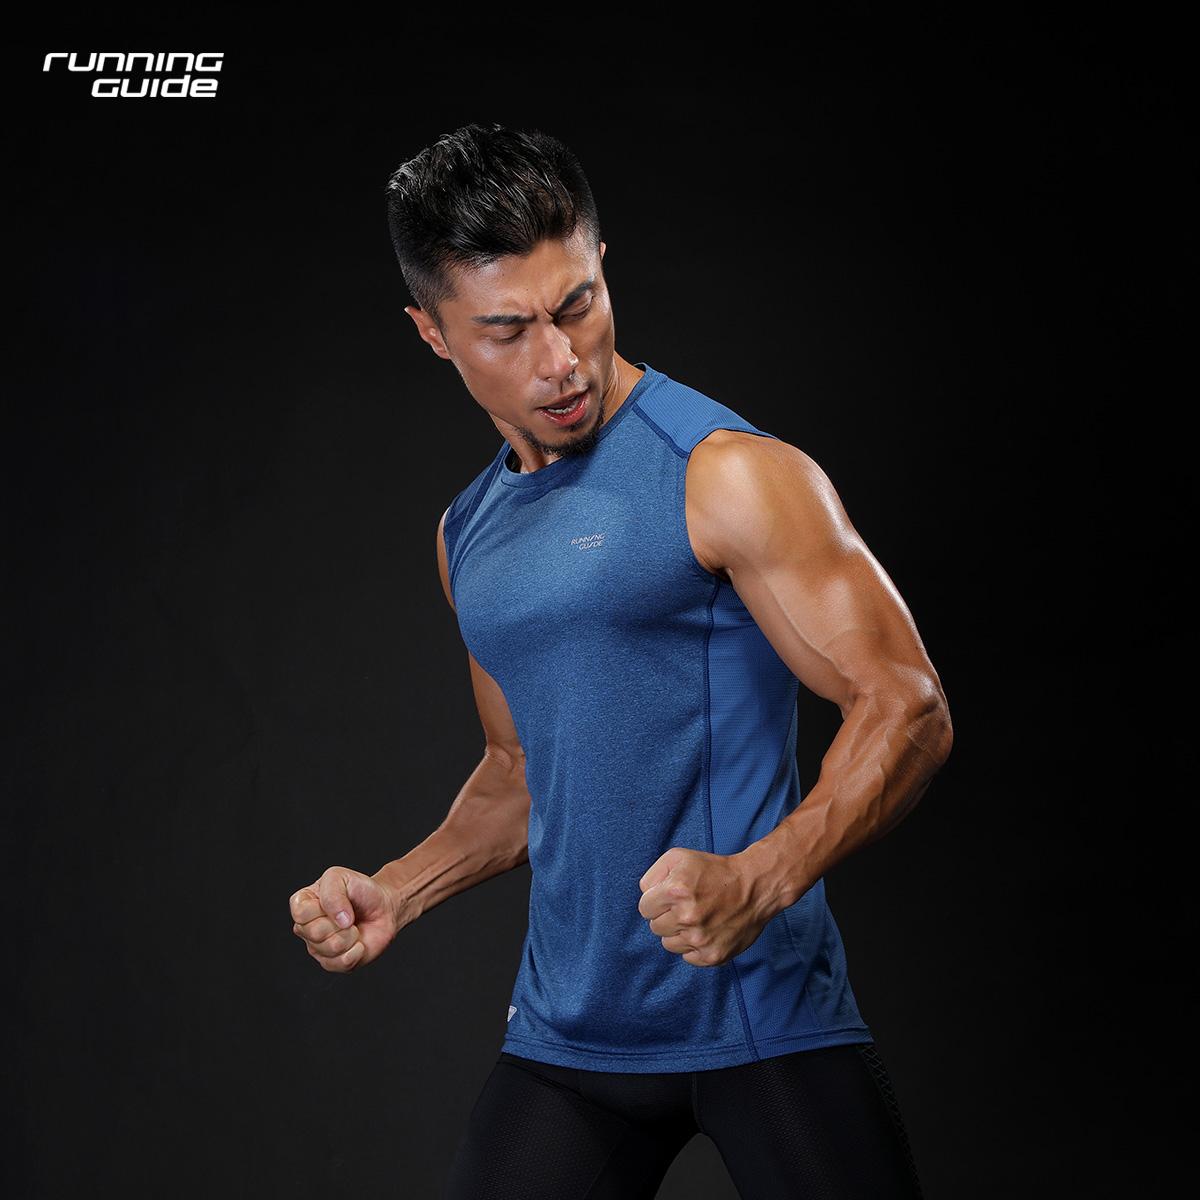 跑步指南 3633男款圆领速干透气夏季运动健身训练休闲无袖T恤